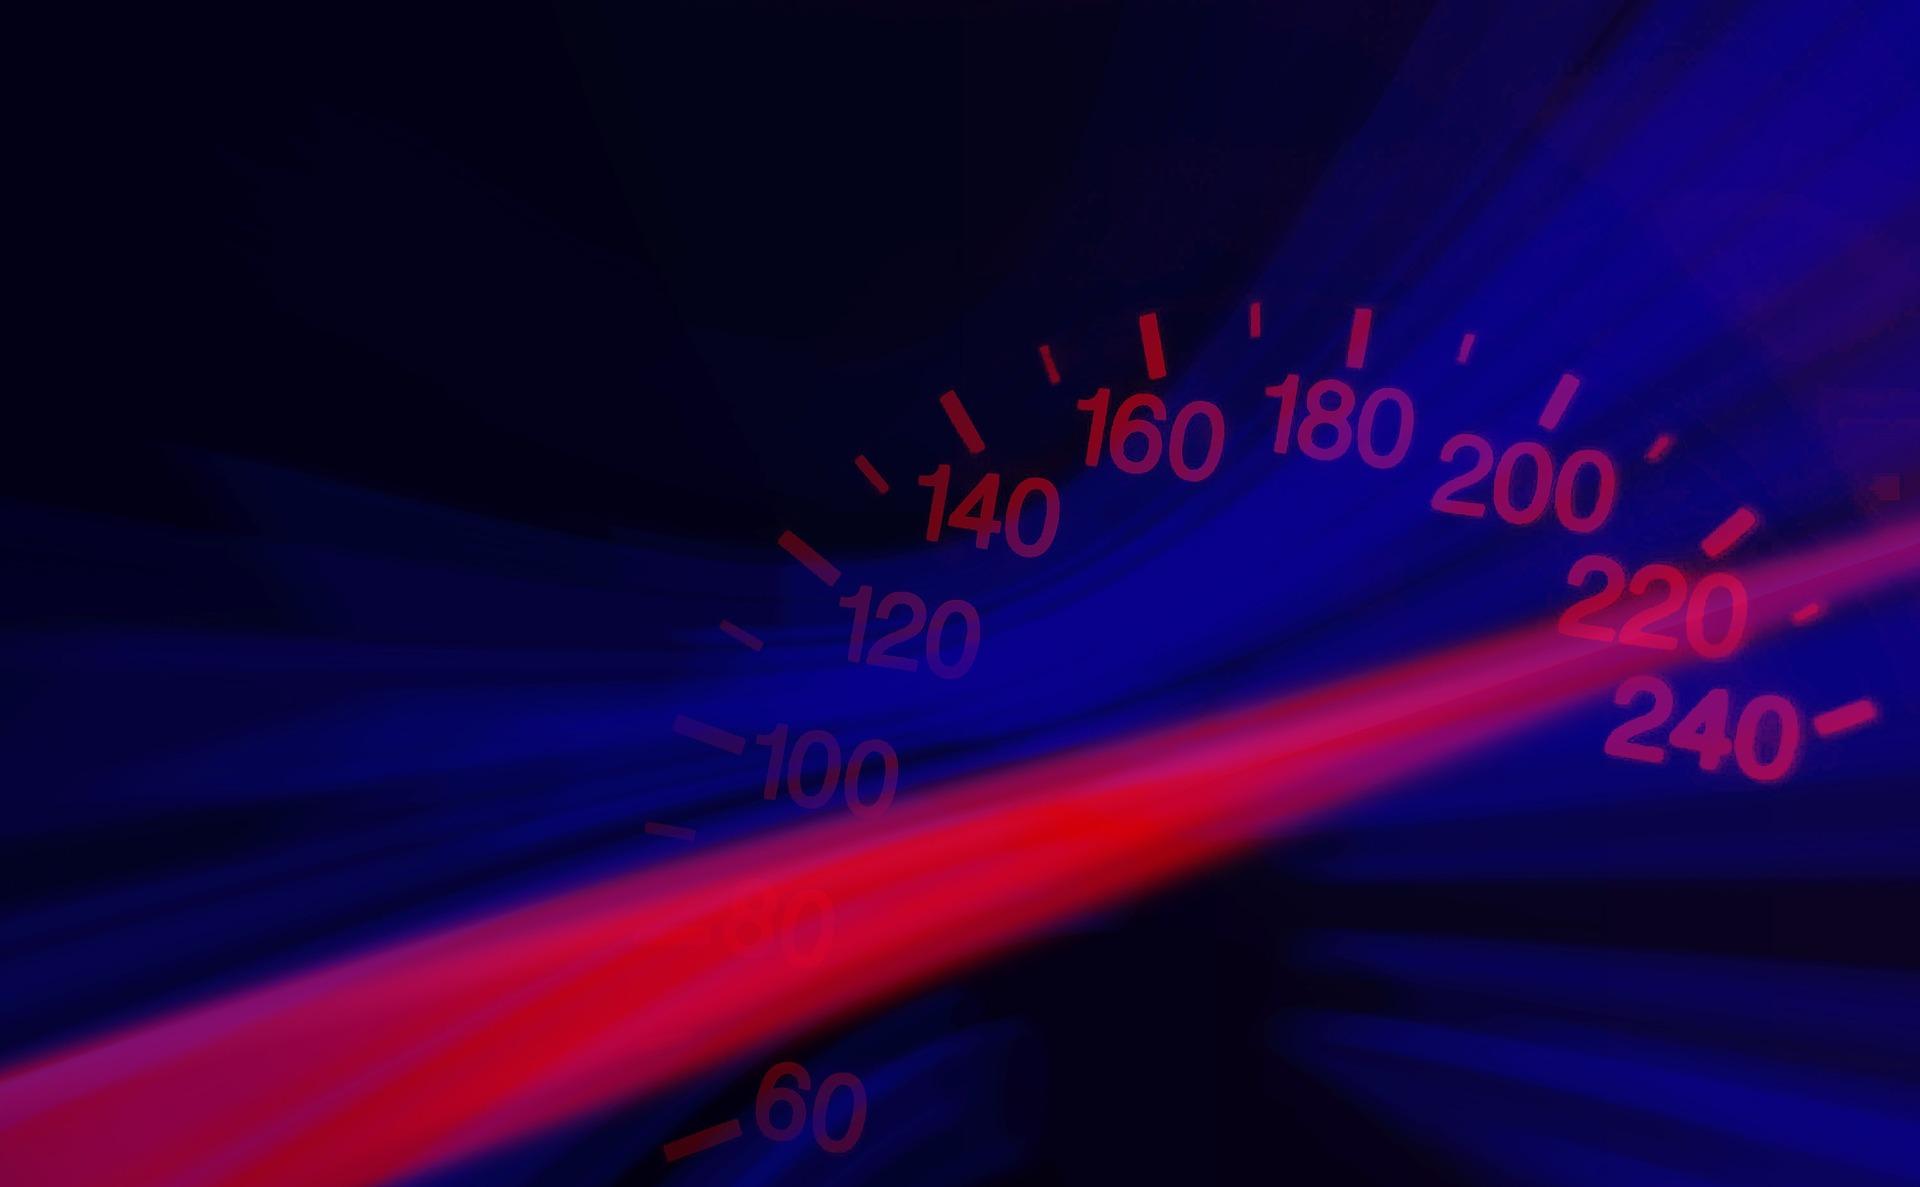 Spezielle Anforderungen an nächtliche Geschwindigkeitsmessungen